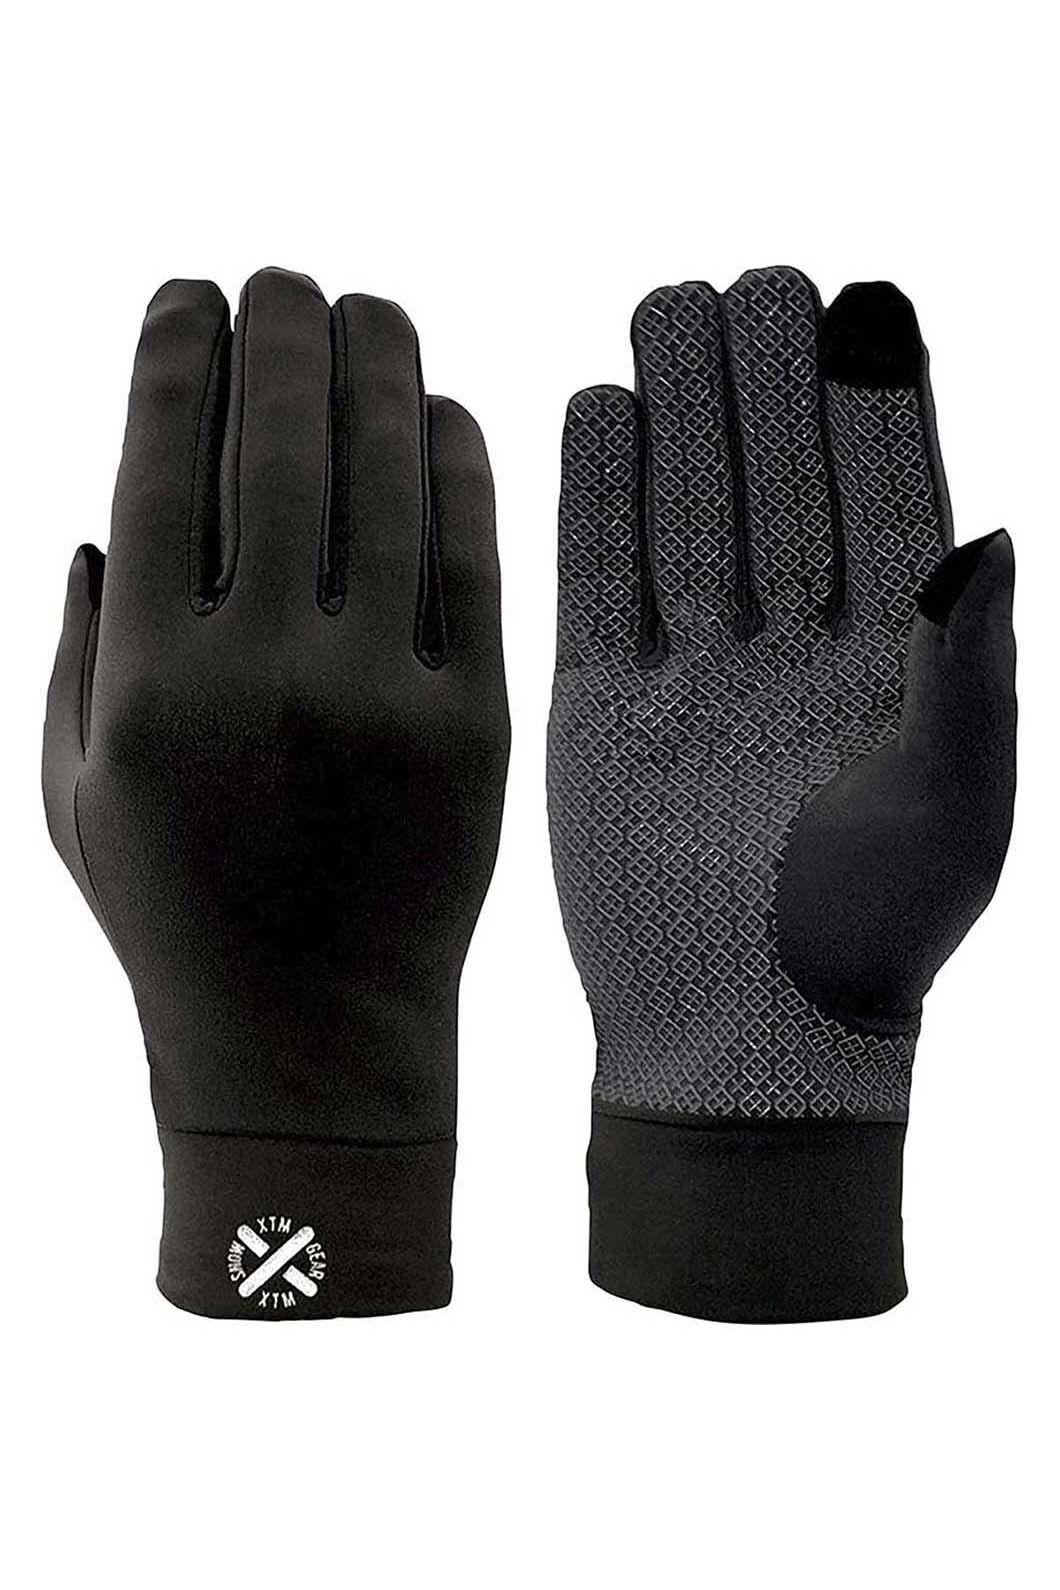 XTM Arctic Liner Glove, Black, hi-res